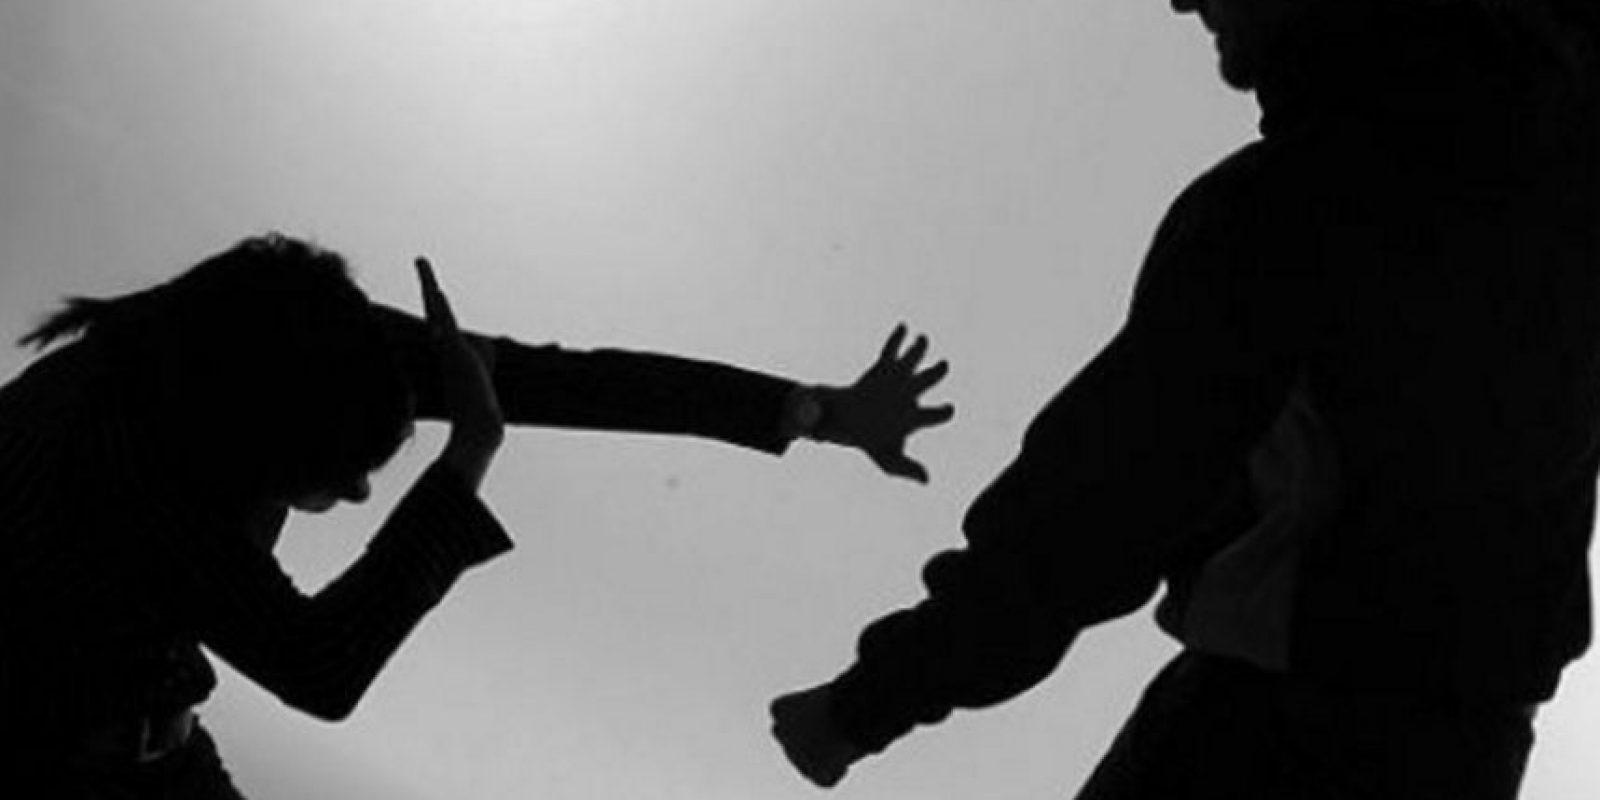 En todo el mundo, casi un tercio (30%) de las mujeres que han tenido una relación de pareja refieren haber sufrido alguna forma de violencia física y/o sexual por parte de su pareja. Foto:vía Getty Images